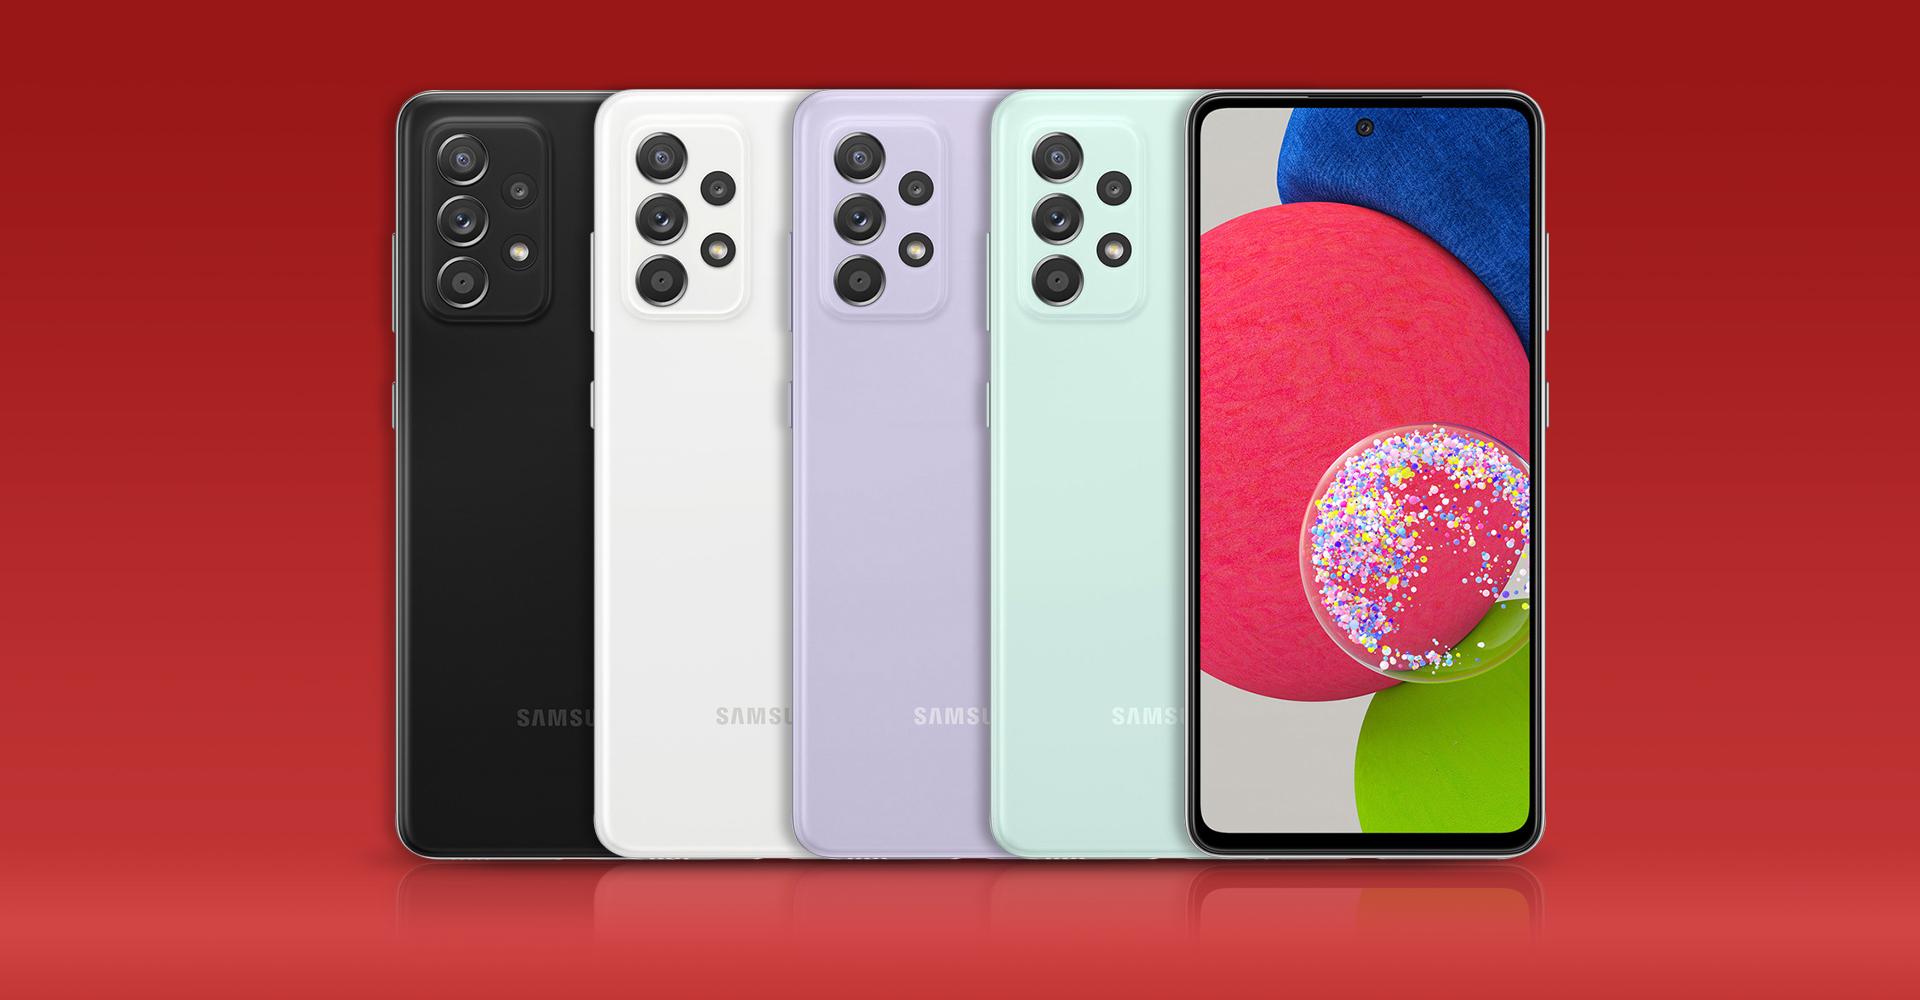 Das Galaxy A52s 5G in allen vier erhältlichen Farben